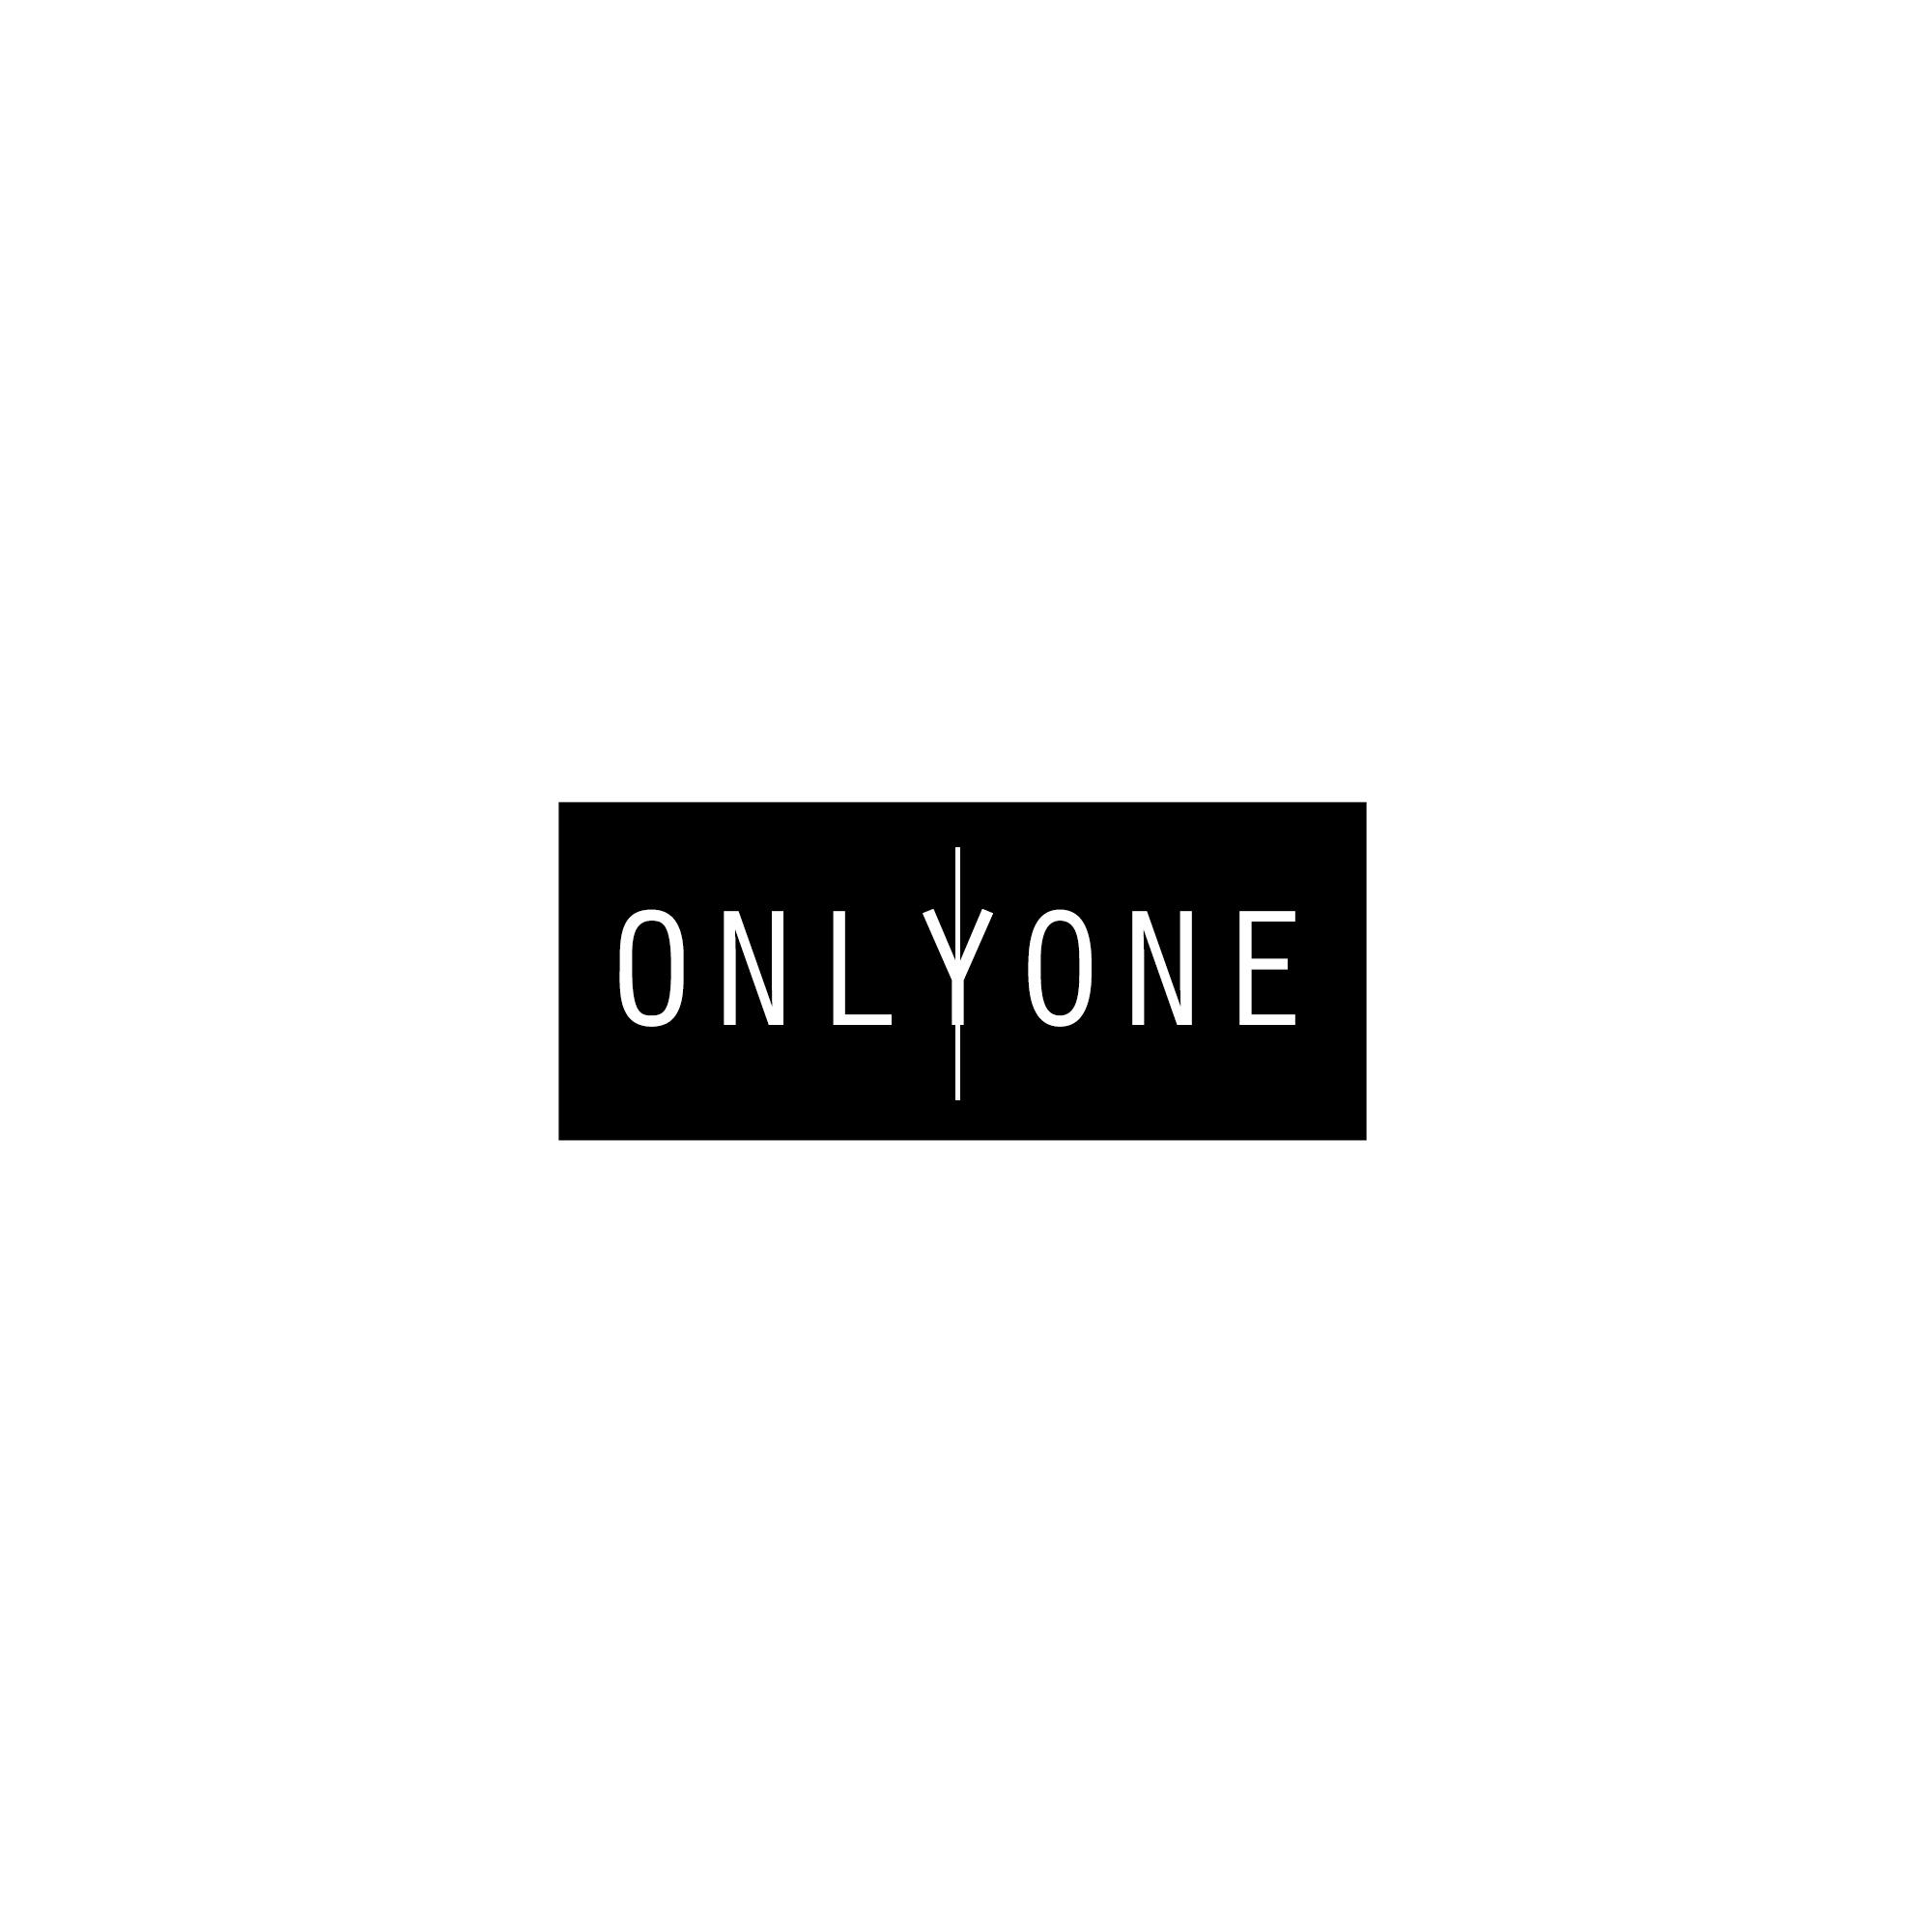 ONLY-ONE-LOGO-black.jpg